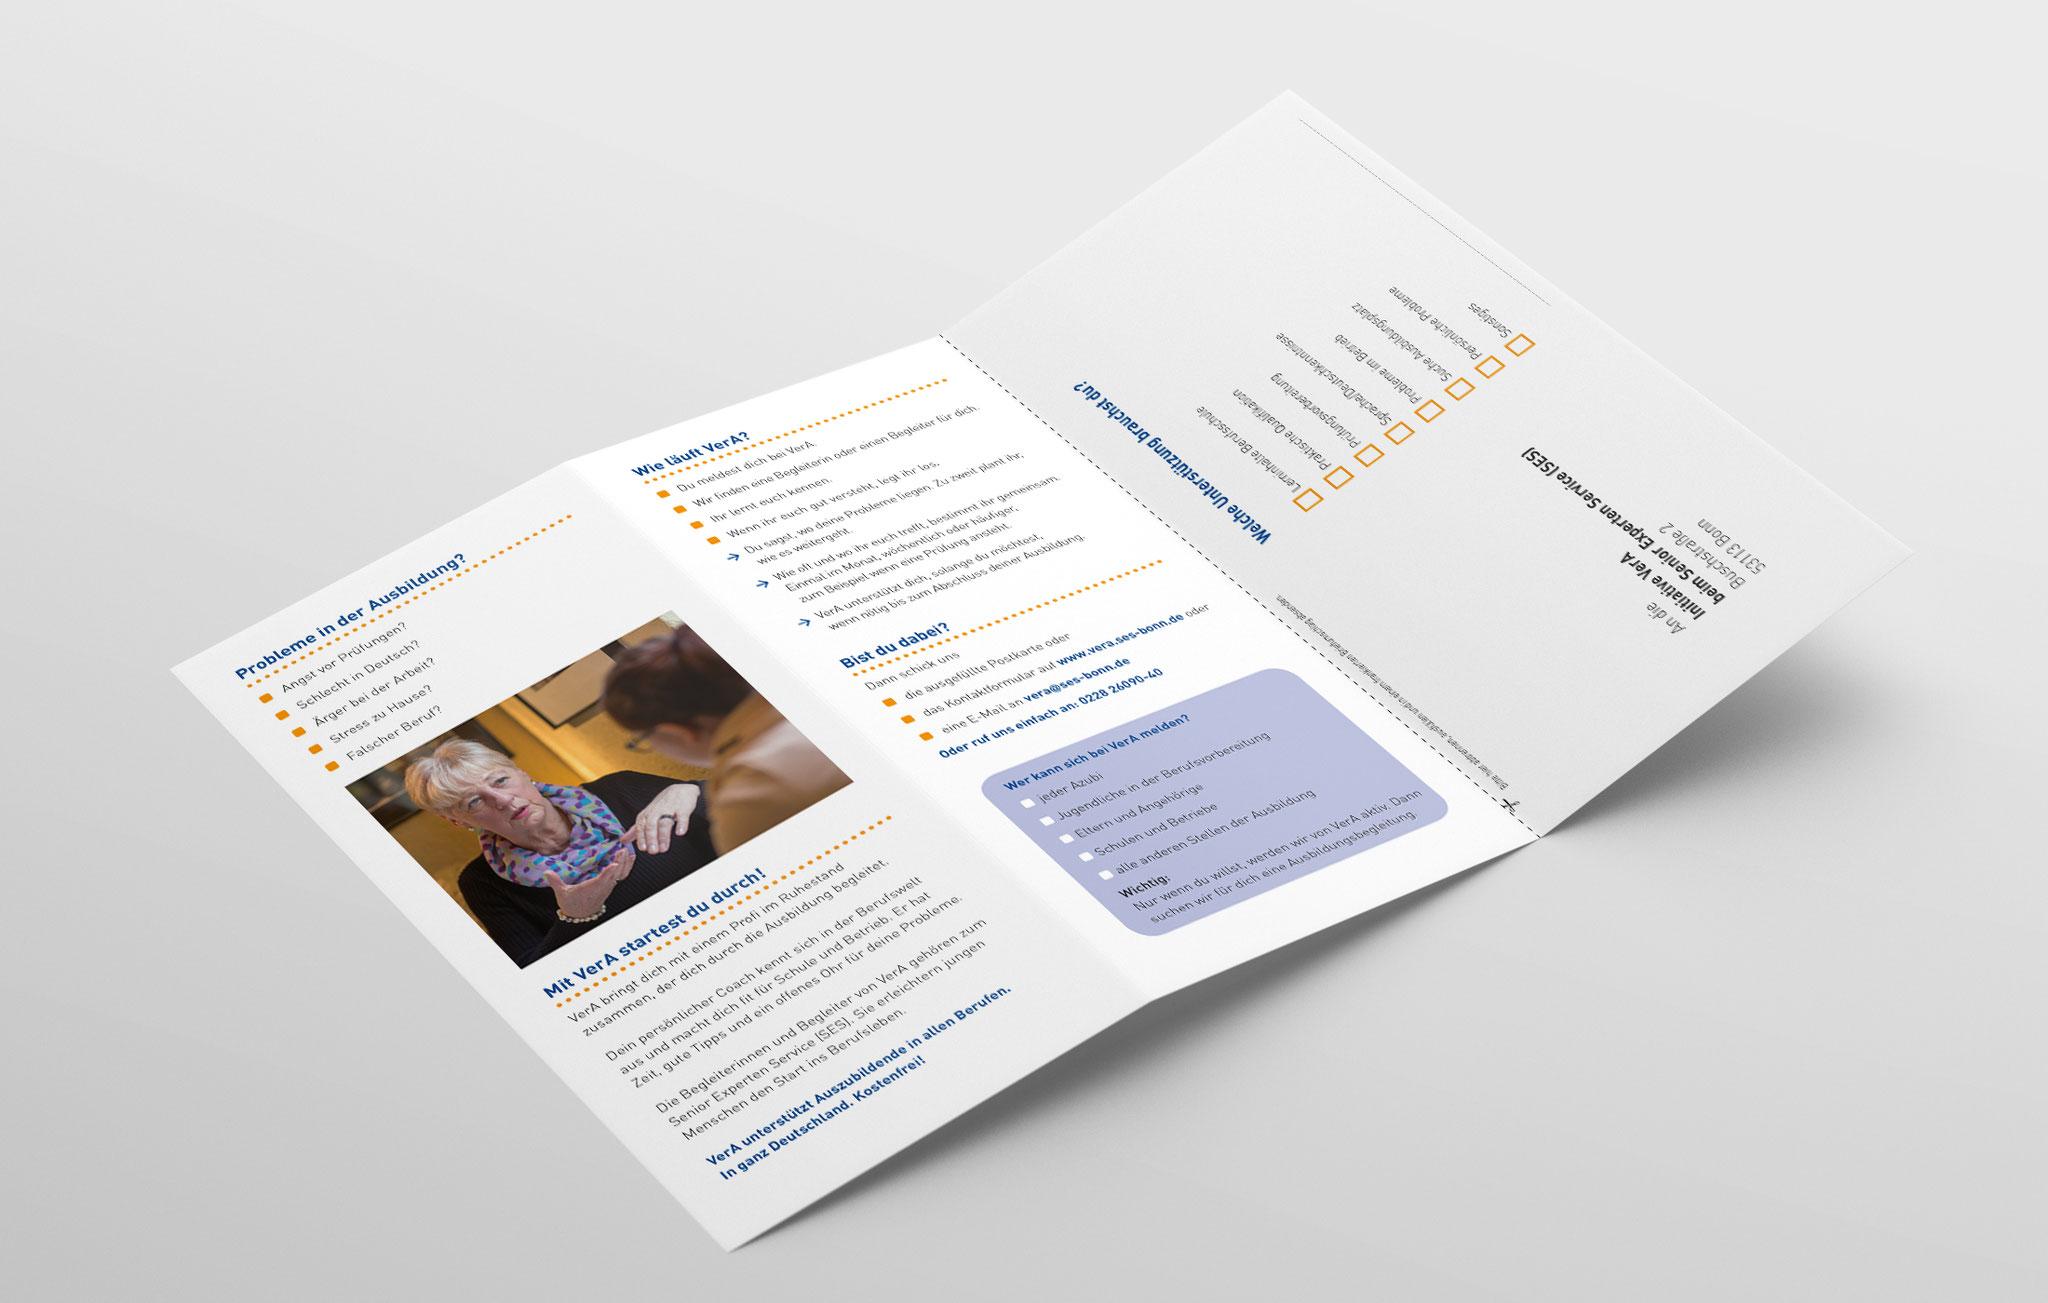 Faltblatt VerA für Auszubildende, Innenseite